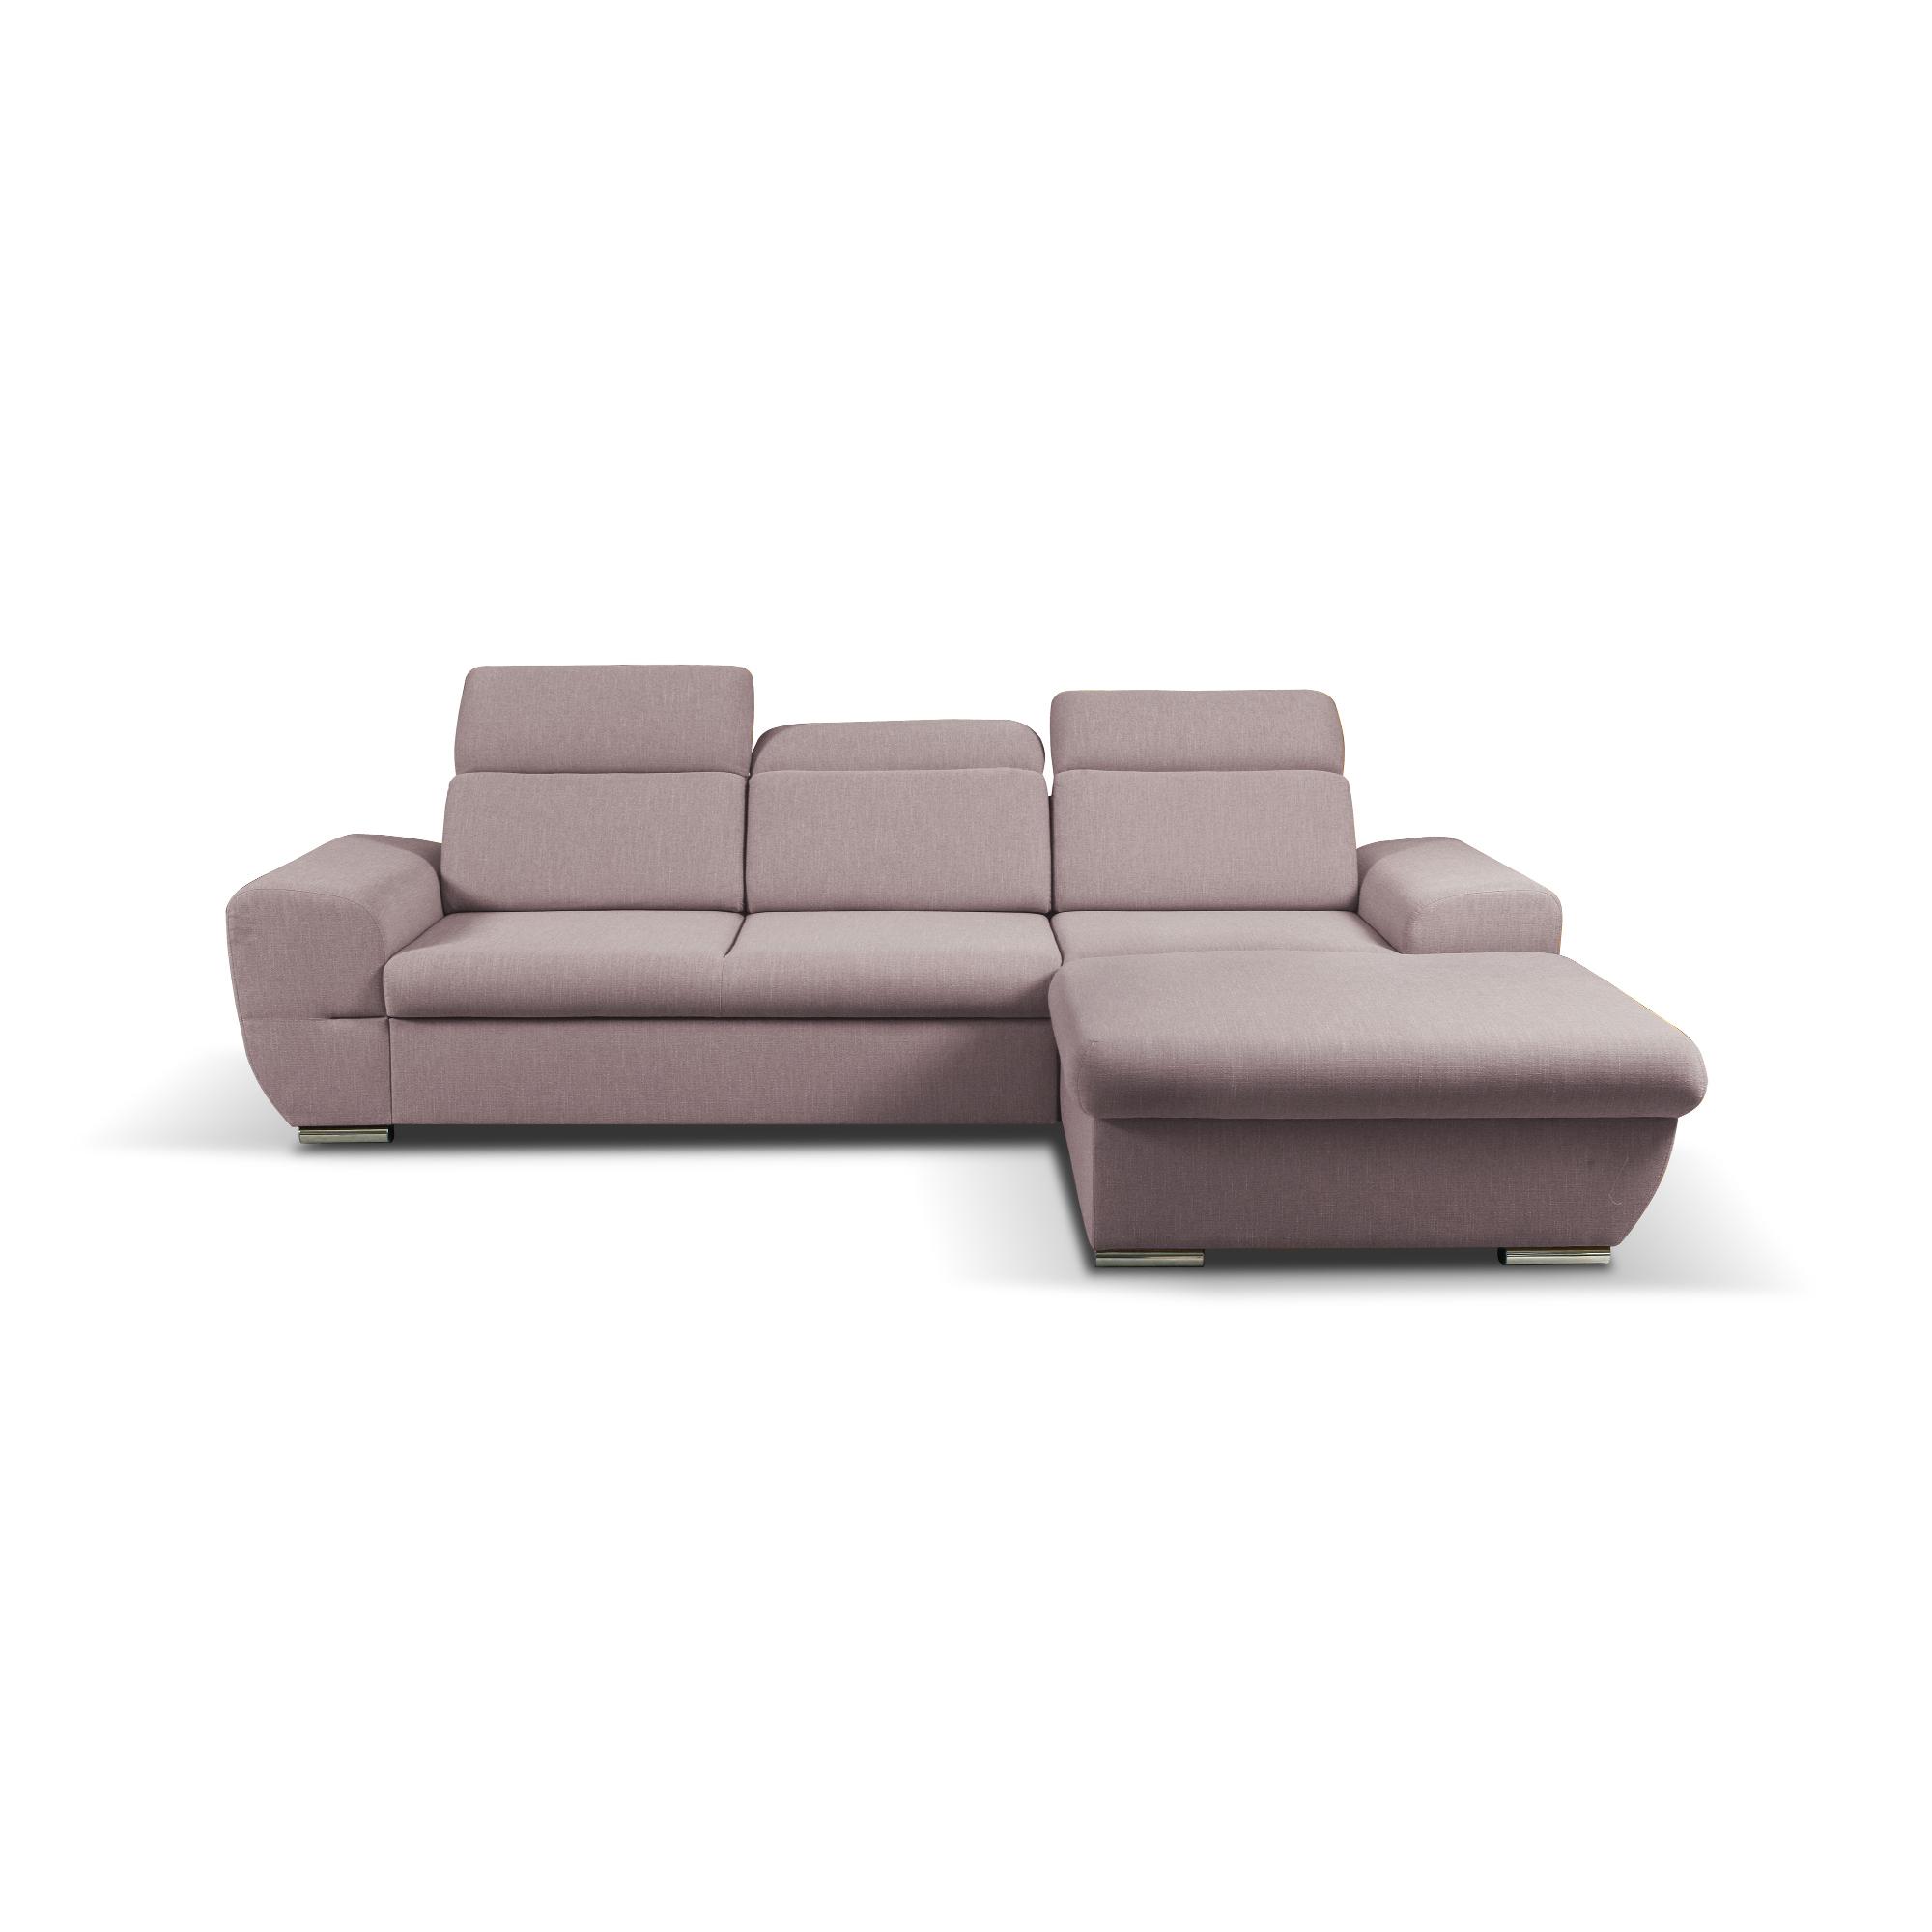 eckcouch mit schlaffunktion couch ecksofa grau wohnlandschaft l form sofa fresno ebay. Black Bedroom Furniture Sets. Home Design Ideas